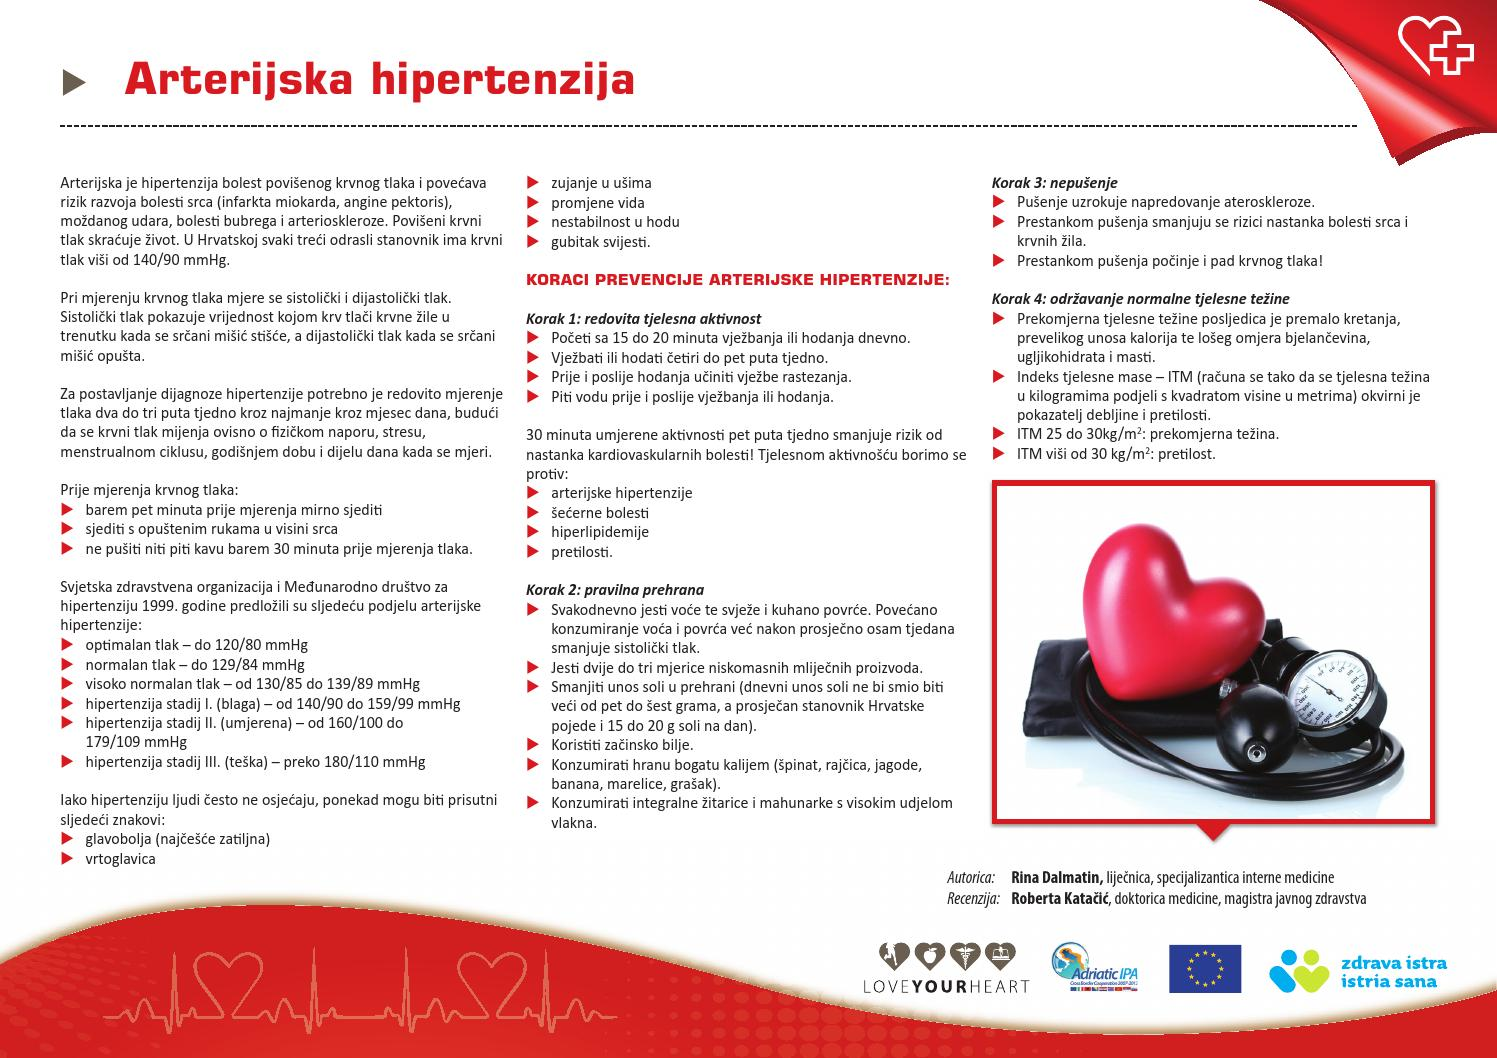 proizvodi povećanje hipertenzije